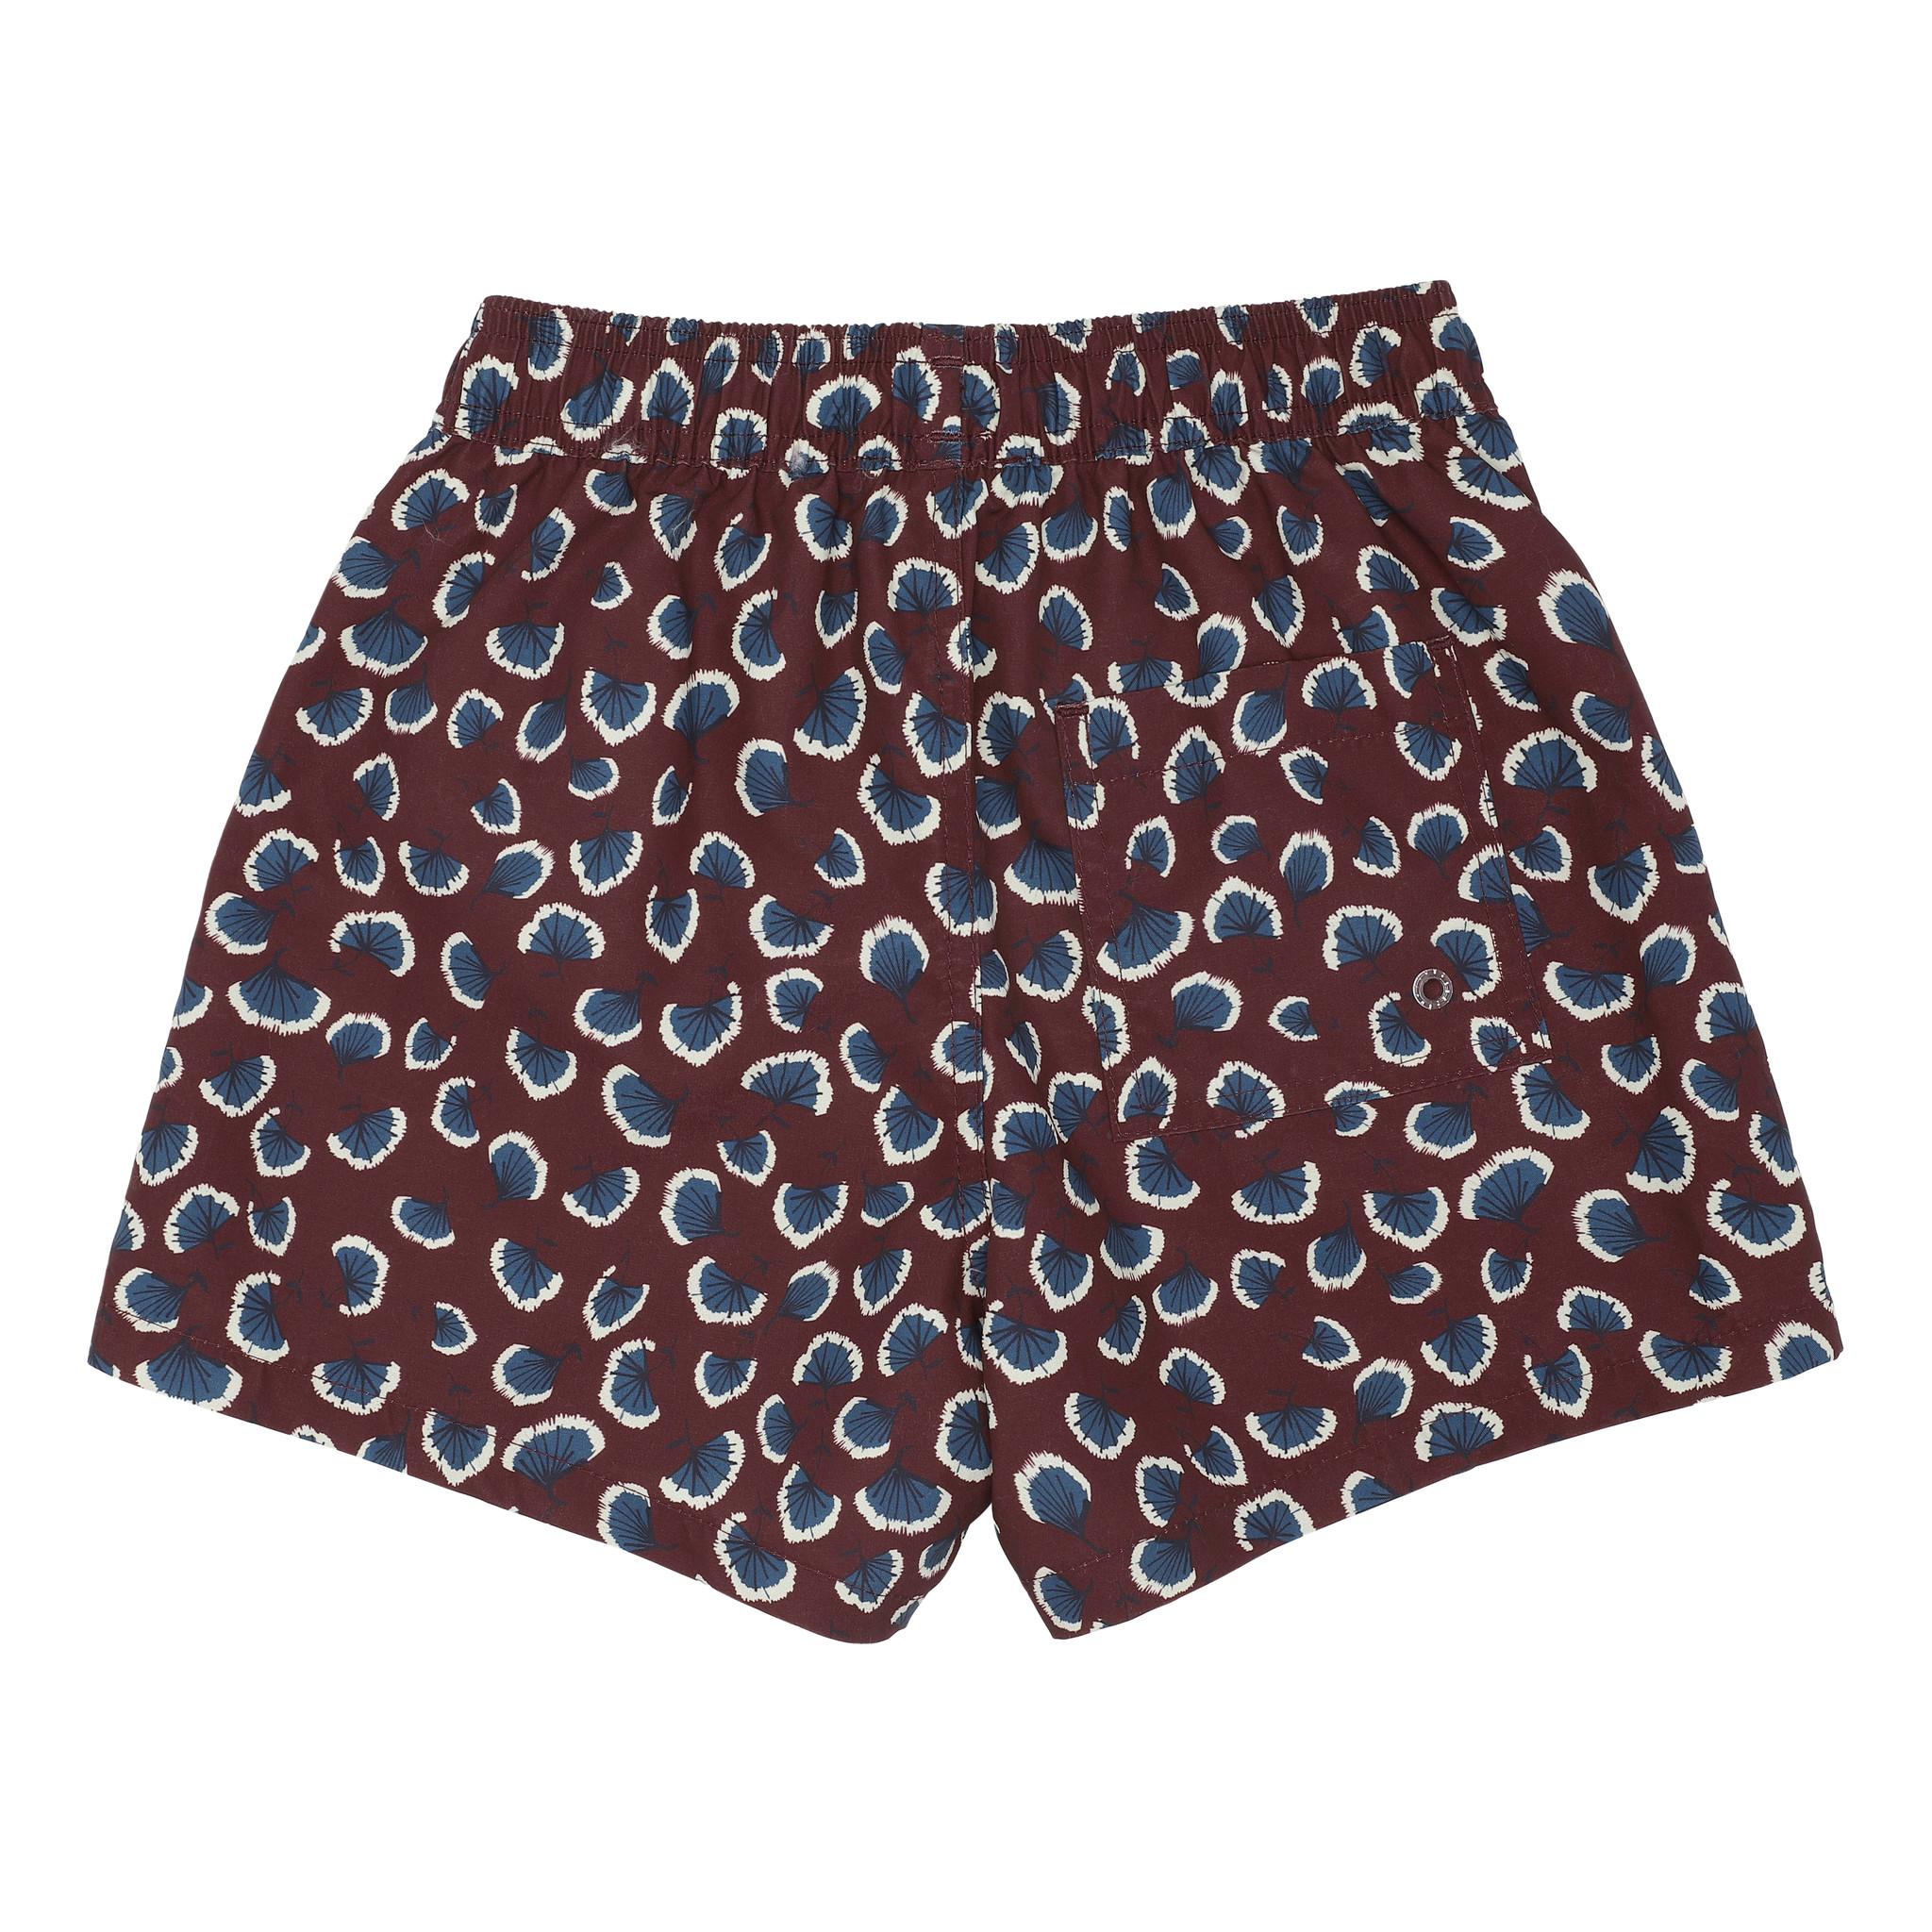 Dandy swimpants - Russet Brown / AOP Coral-3